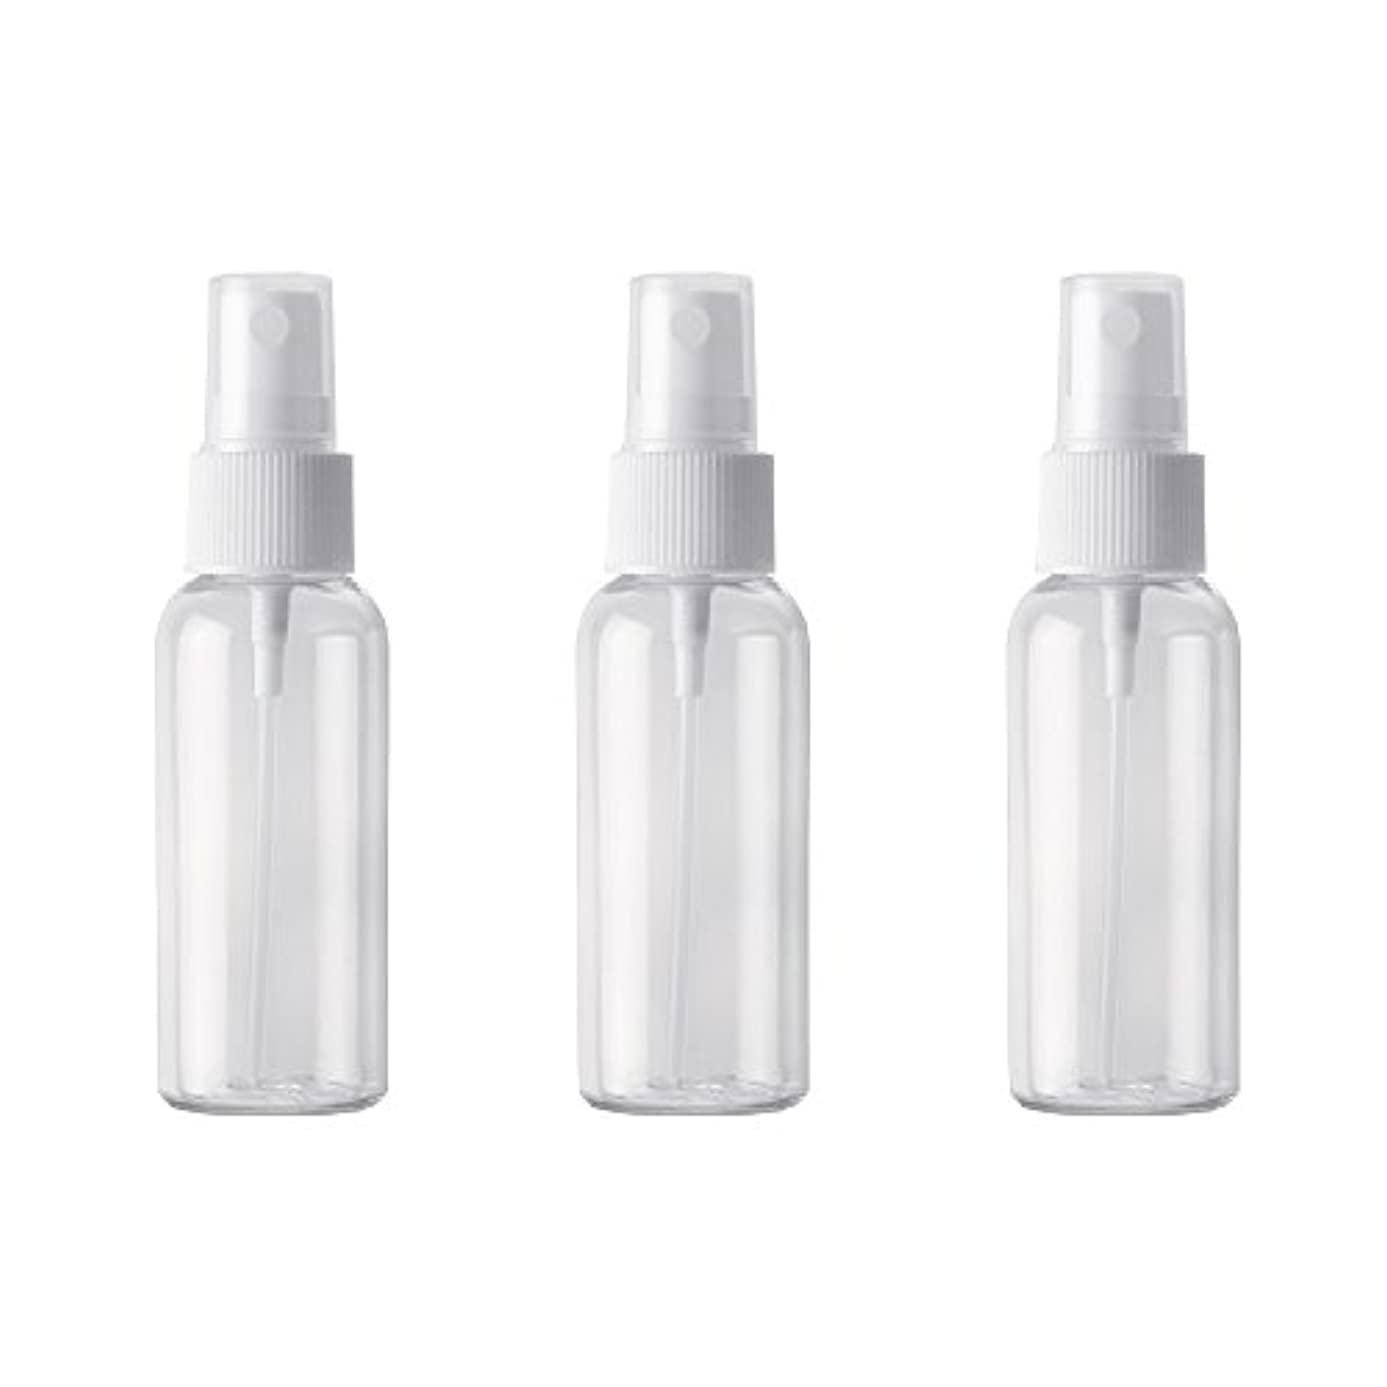 他の場所気難しいダニPET小分けボトル トラベルボトル スプレーボトル 3本セット 霧吹き 小分け容器 化粧水 精製水 詰替ボトル 旅行用(50ml )